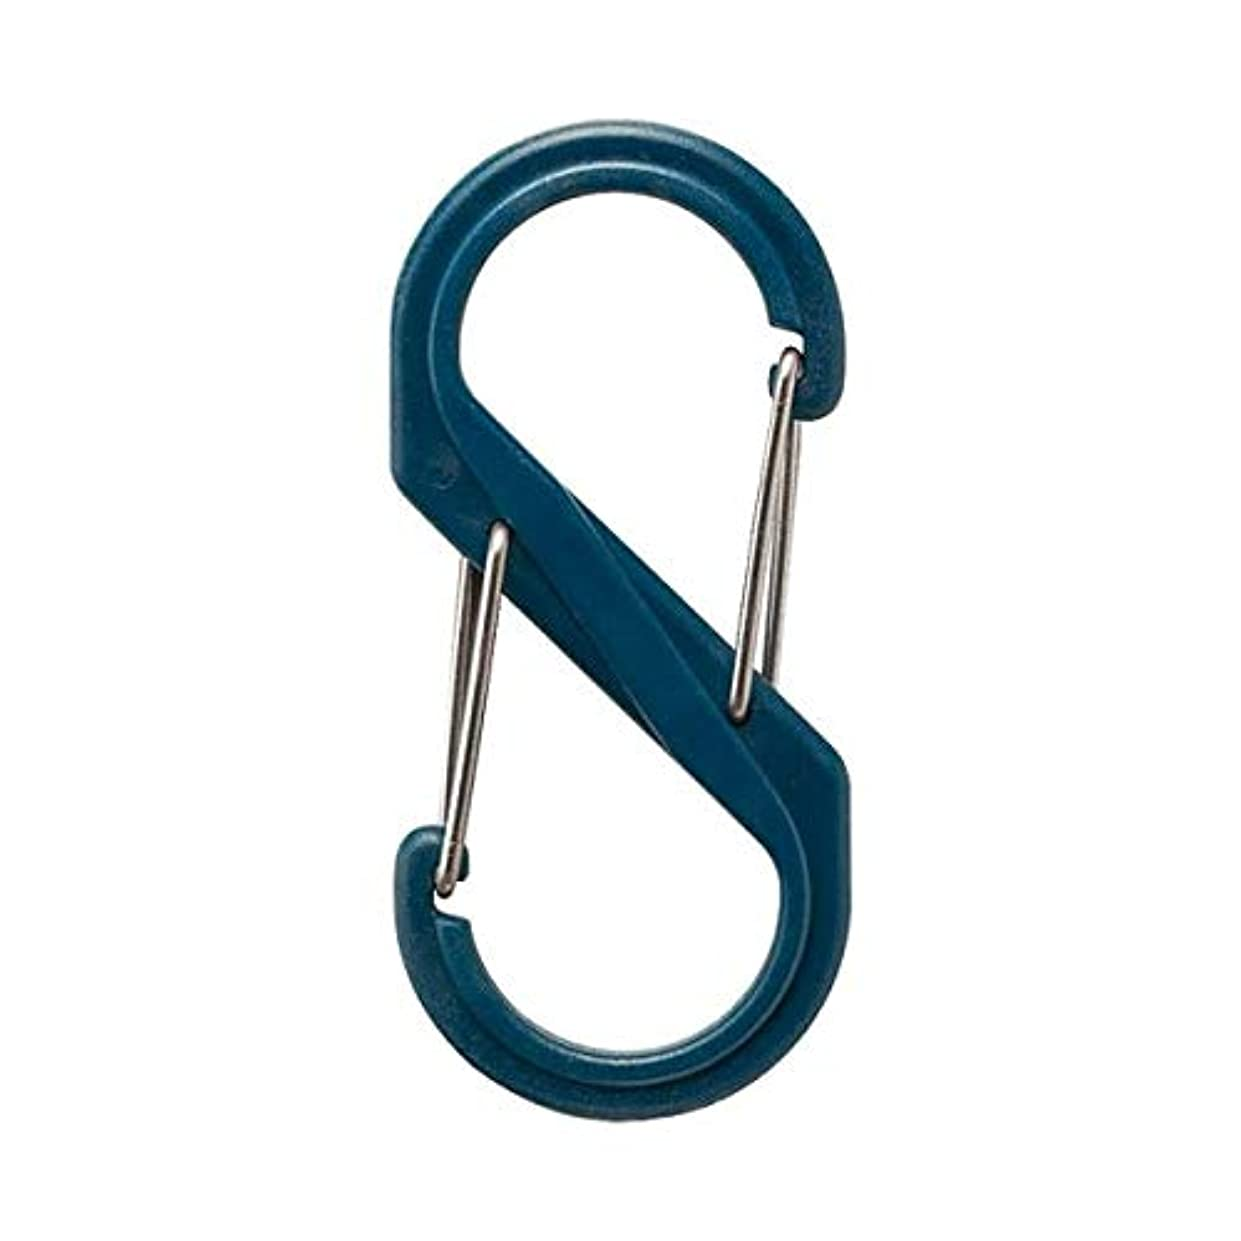 悪因子シンプトンミスペンド日用品 DIY (まとめ買い) S型カラビナ ネイビー 【×20セット】